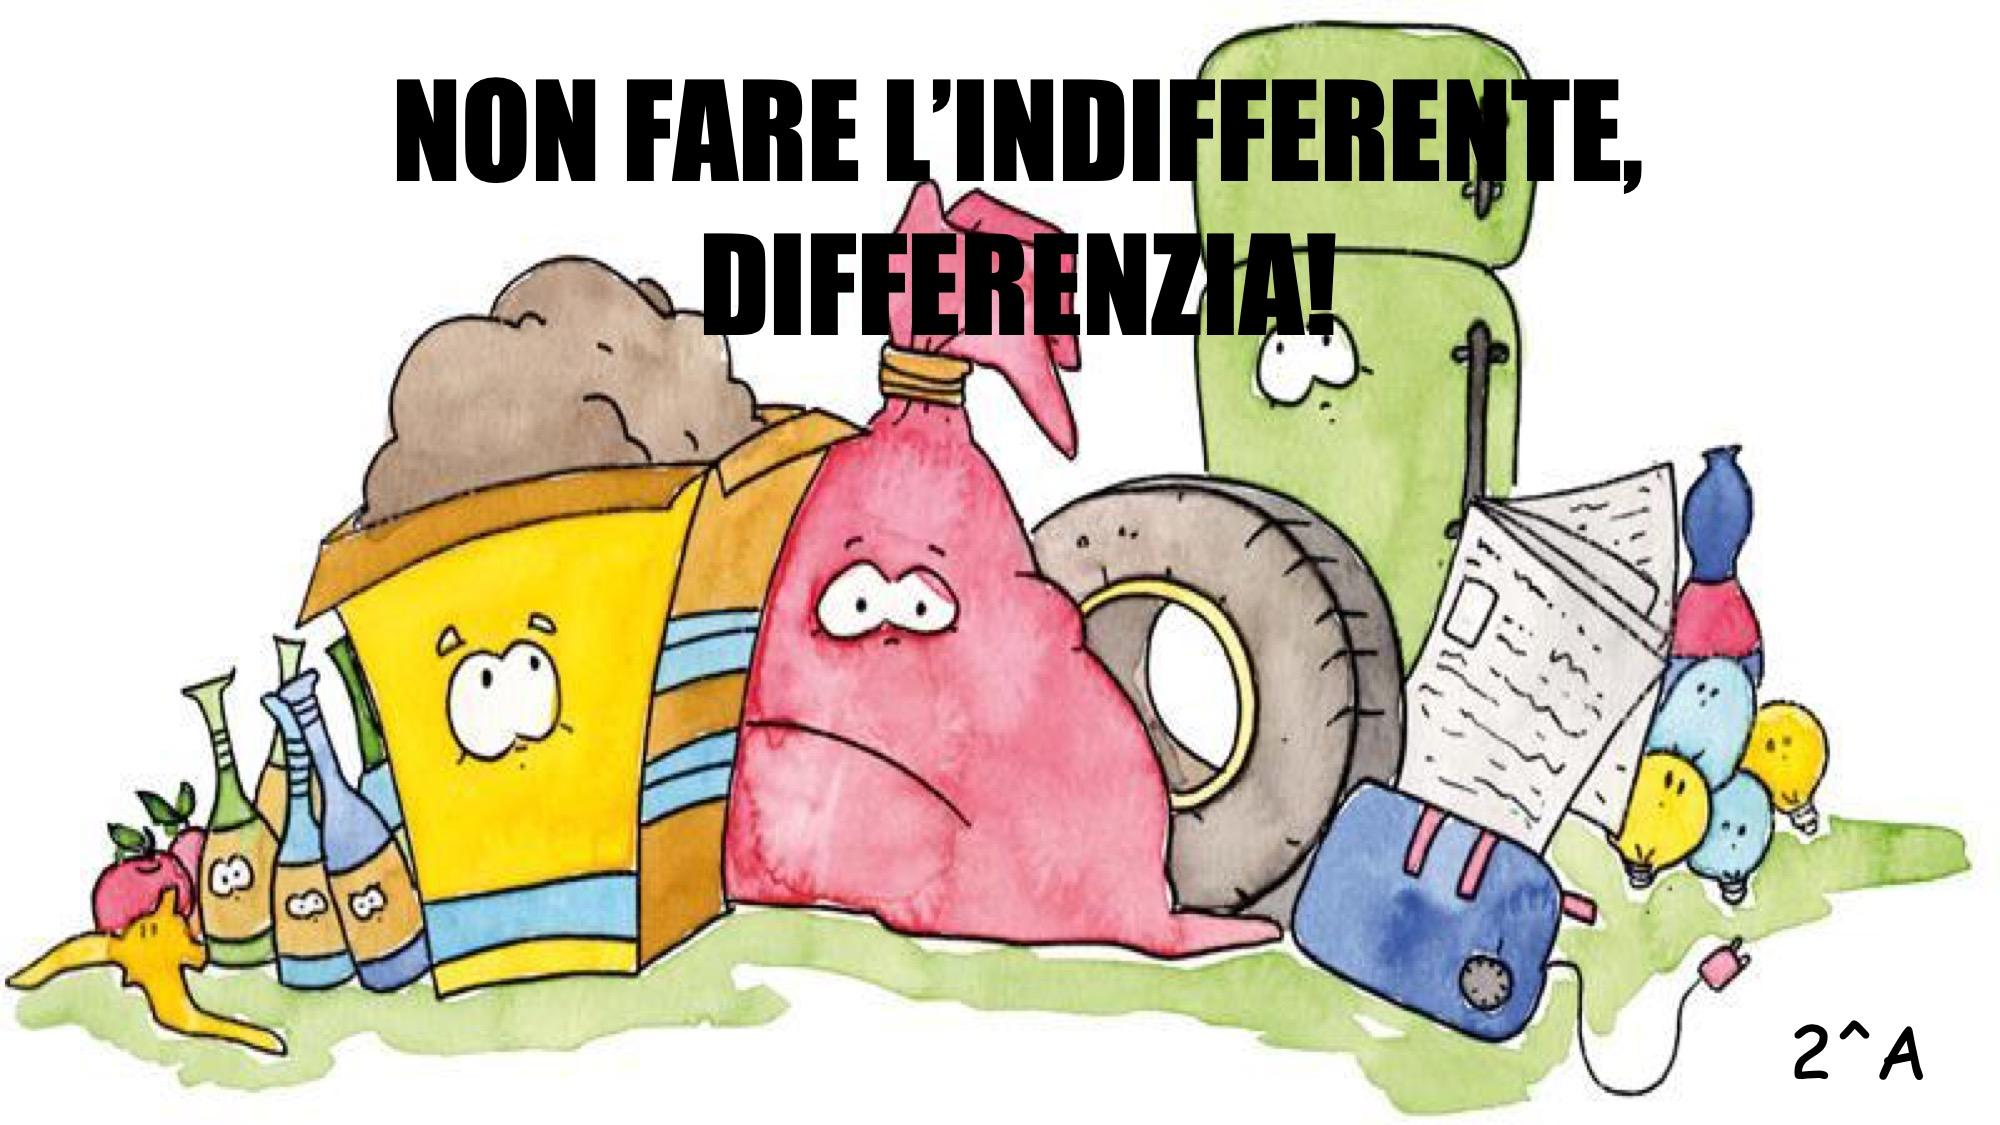 Non fare l'indifferente, differenzia